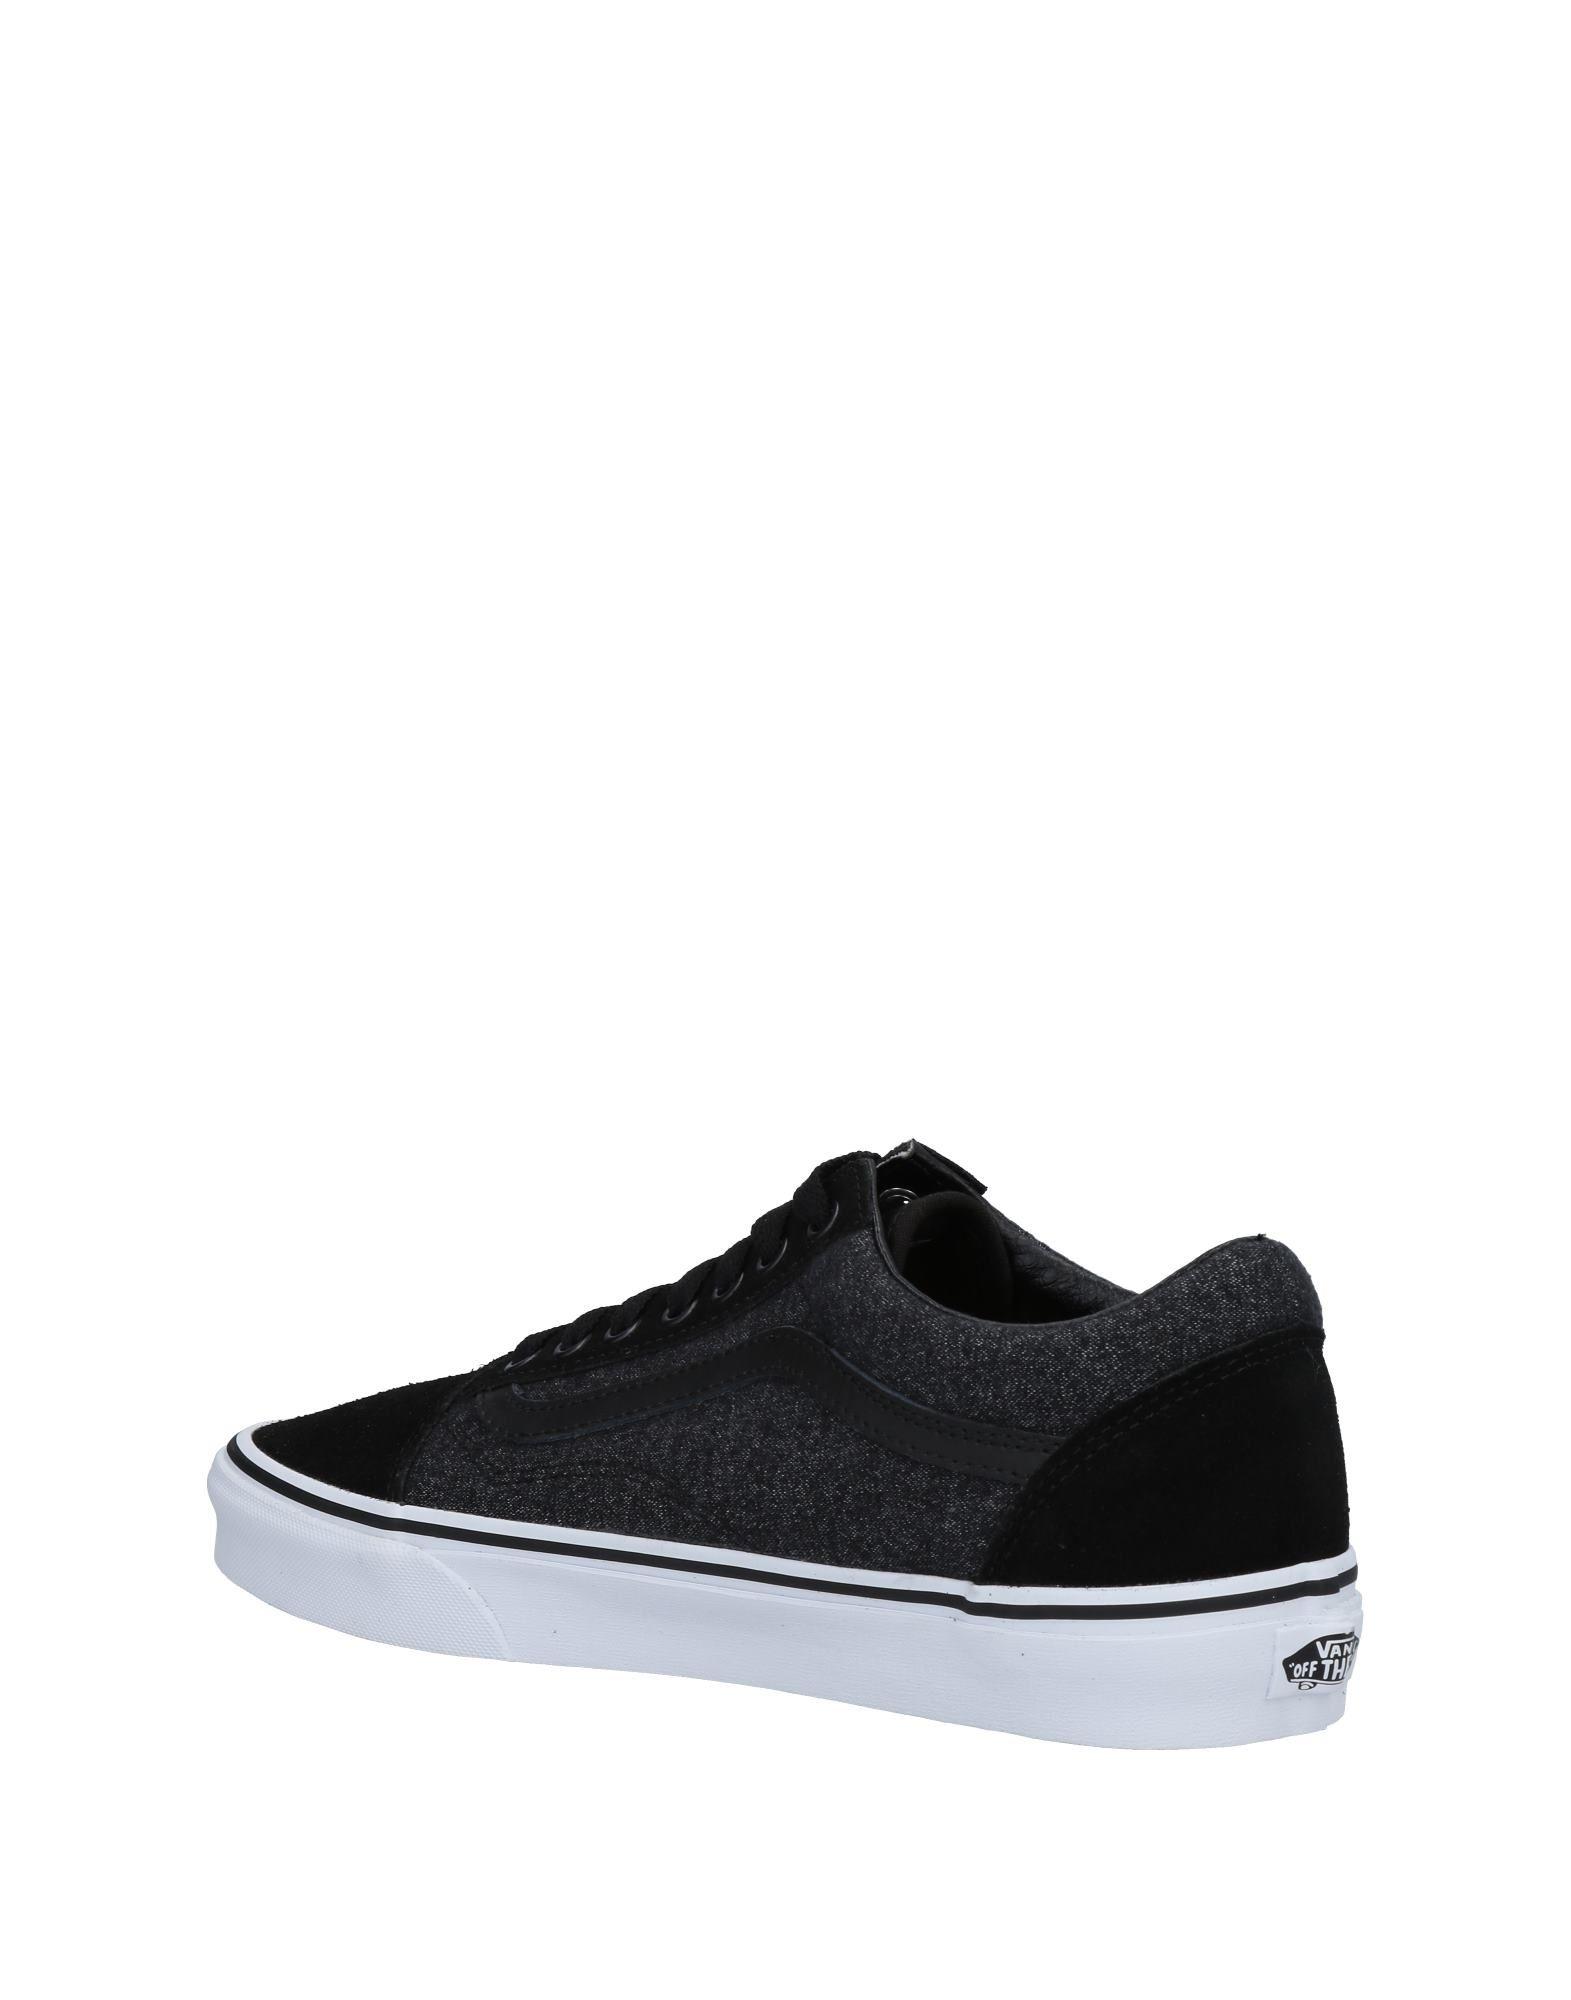 Rabatt Herren echte Schuhe Vans Sneakers Herren Rabatt  11473961OS cf4b8c